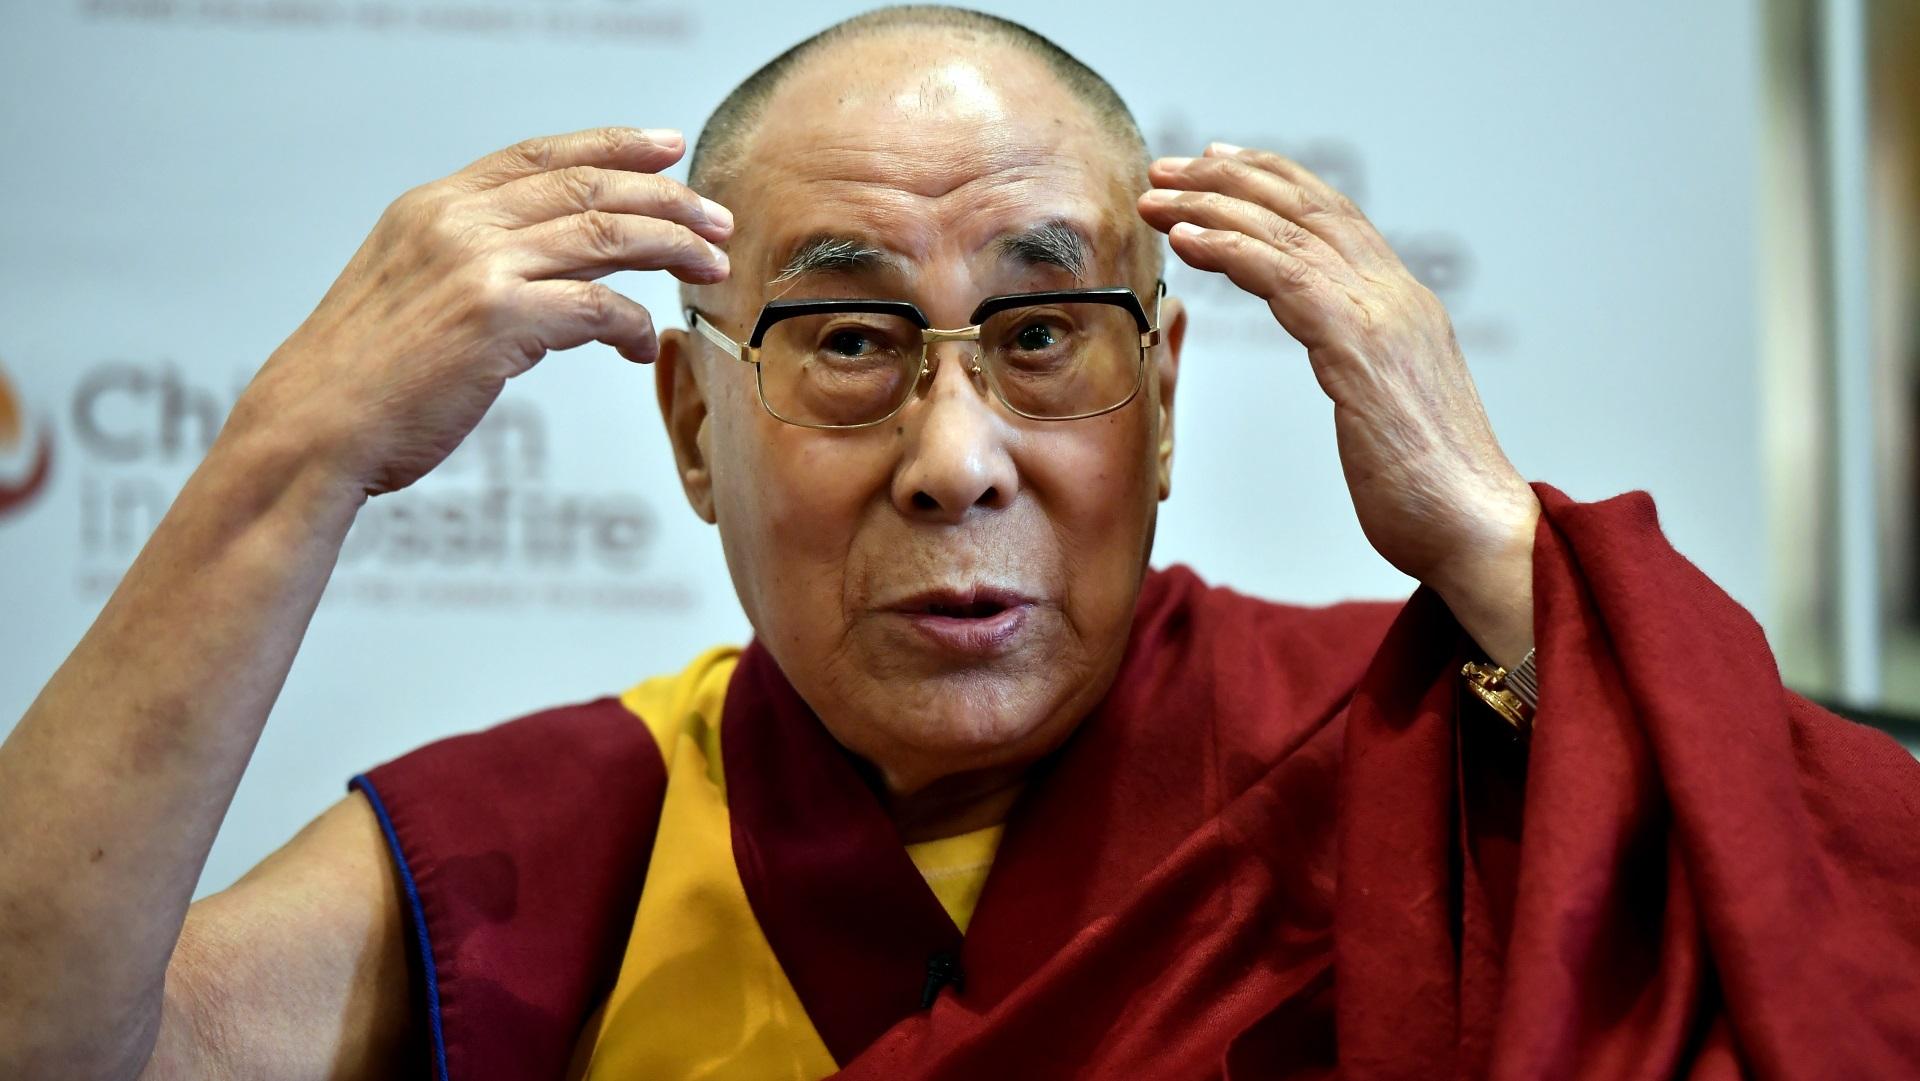 <p><strong>Далай Лама за хомосексуалността</strong></p>  <p>&bdquo;От будистка гледна точка мъж с мъж и жена с жена се счита за сексуално нарушение&rdquo;. Далай Лама заявява, че хомосексуалността не е позволена в будизма, но за неверниците е приемлива.</p>